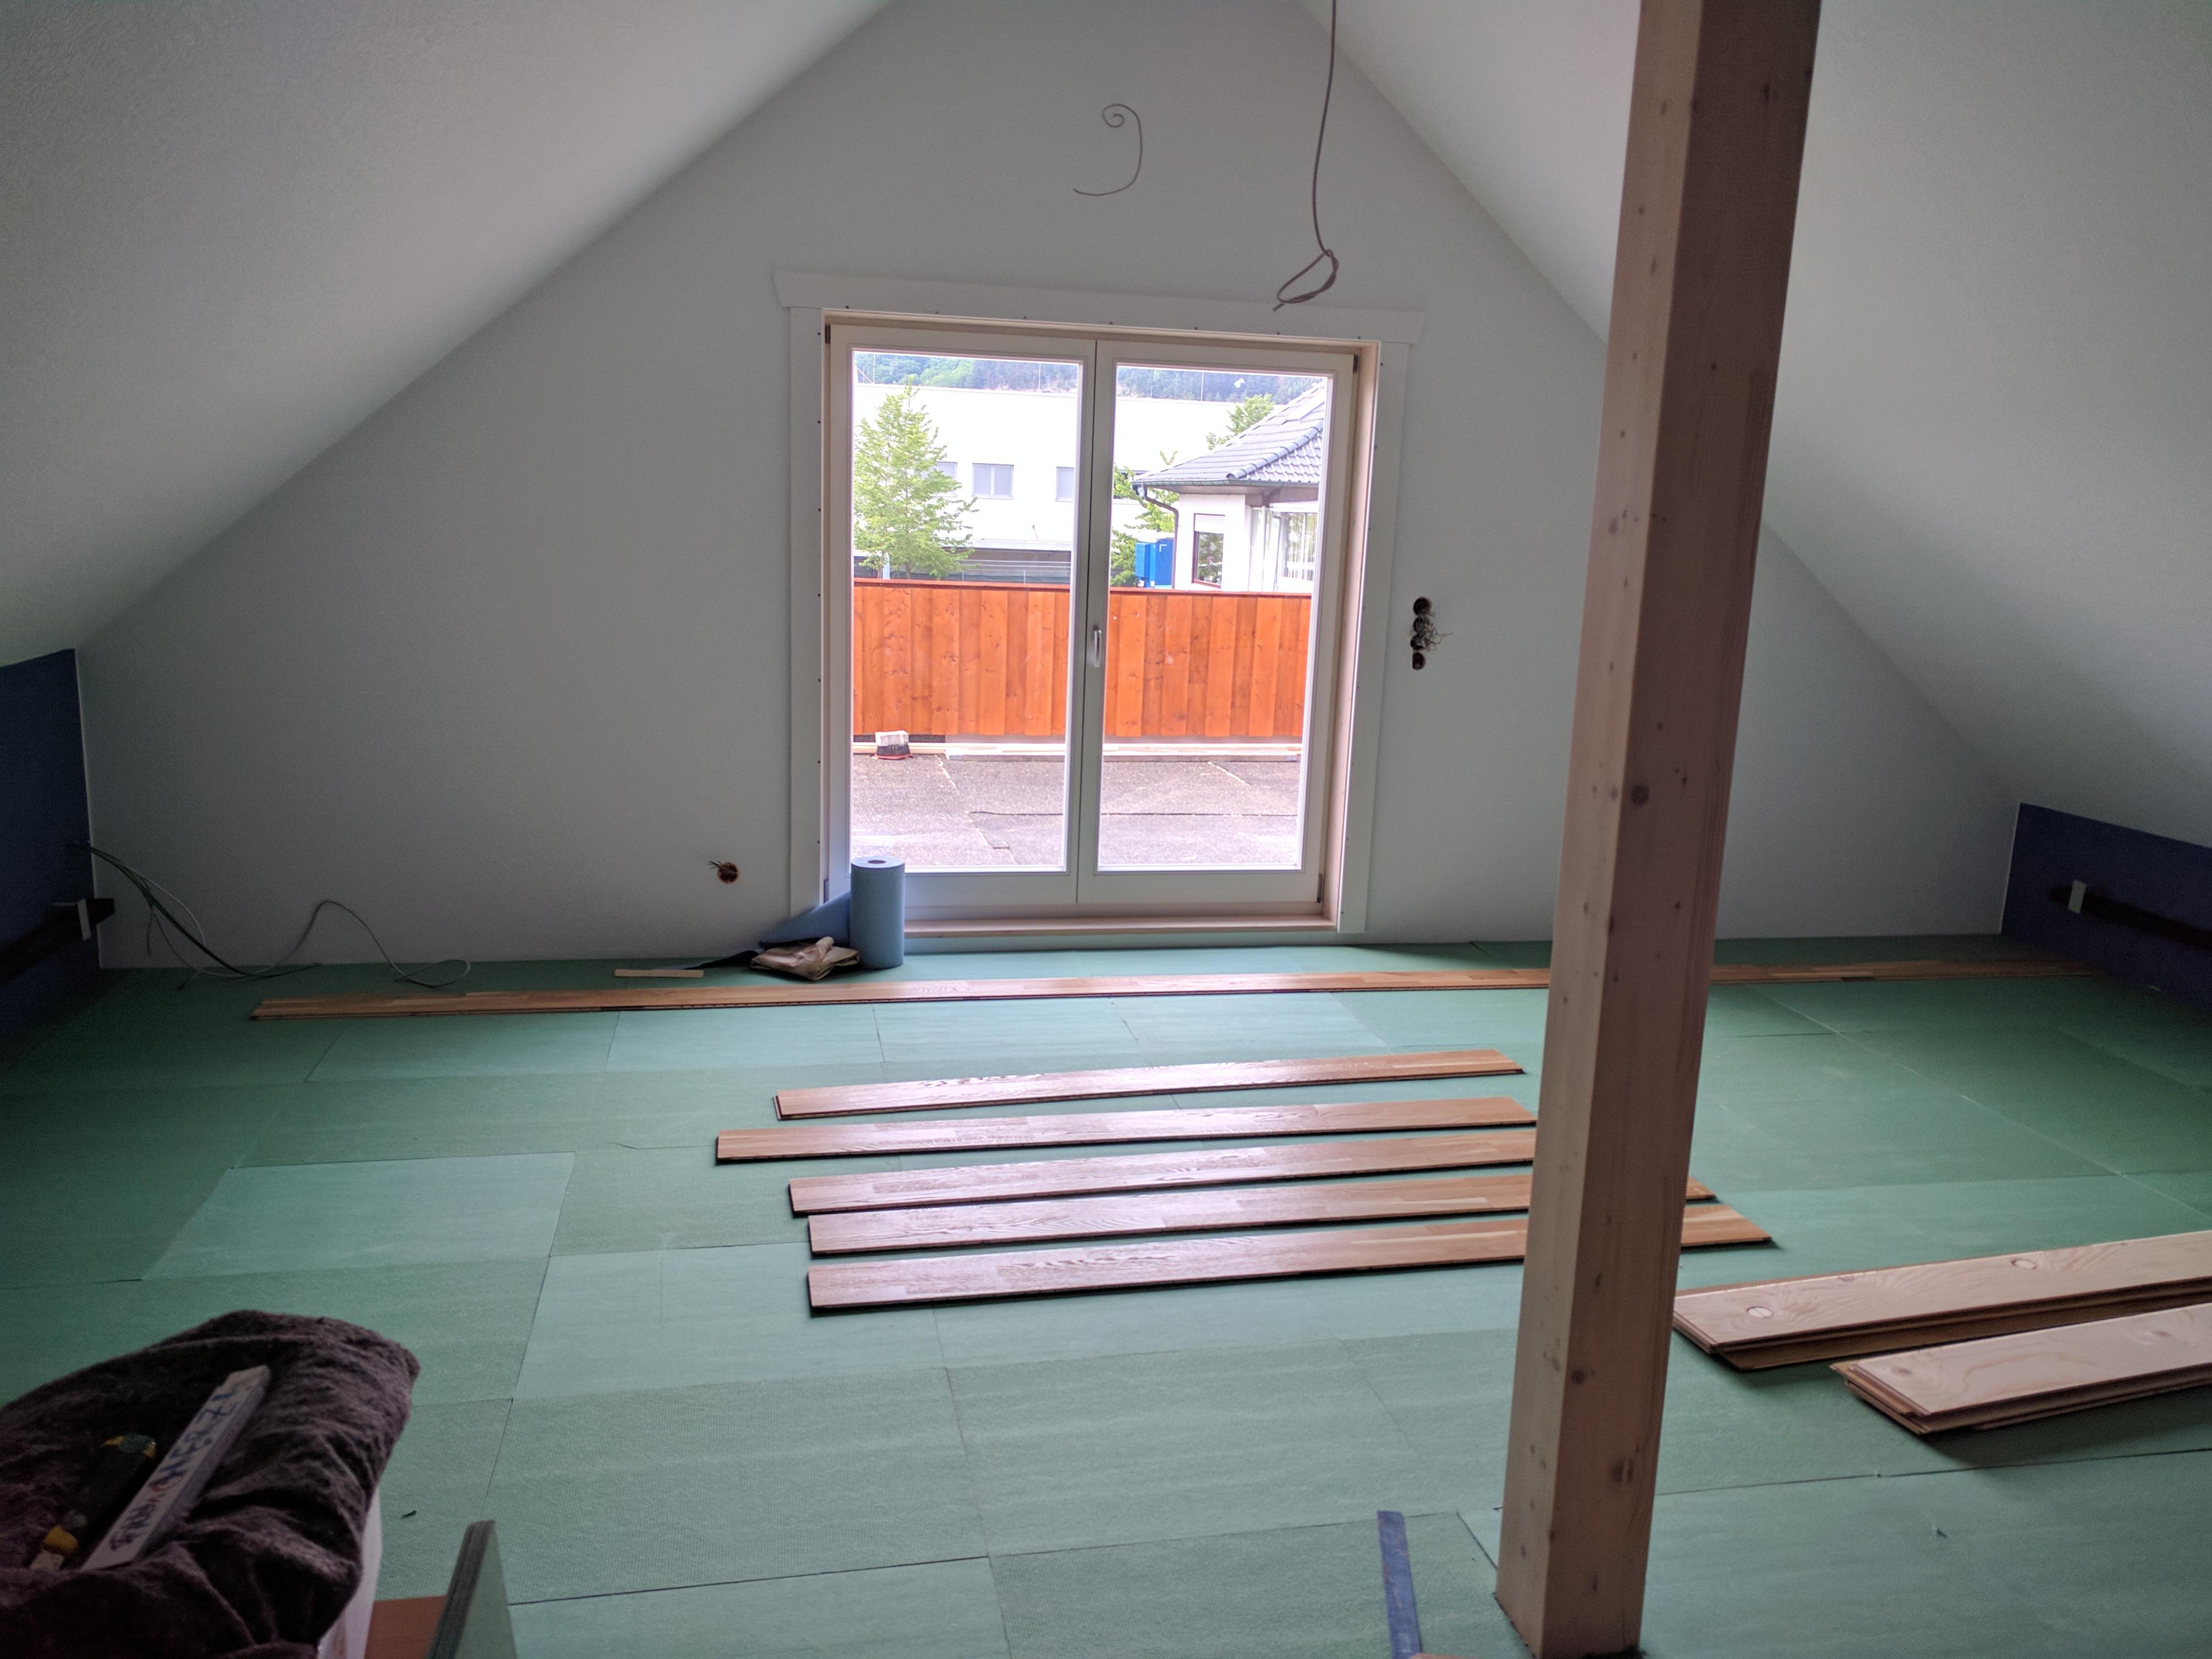 Fußboden Im Dachgeschoss ~ Umnutzung dachgeschoss kernesche boden luke dein schreiner